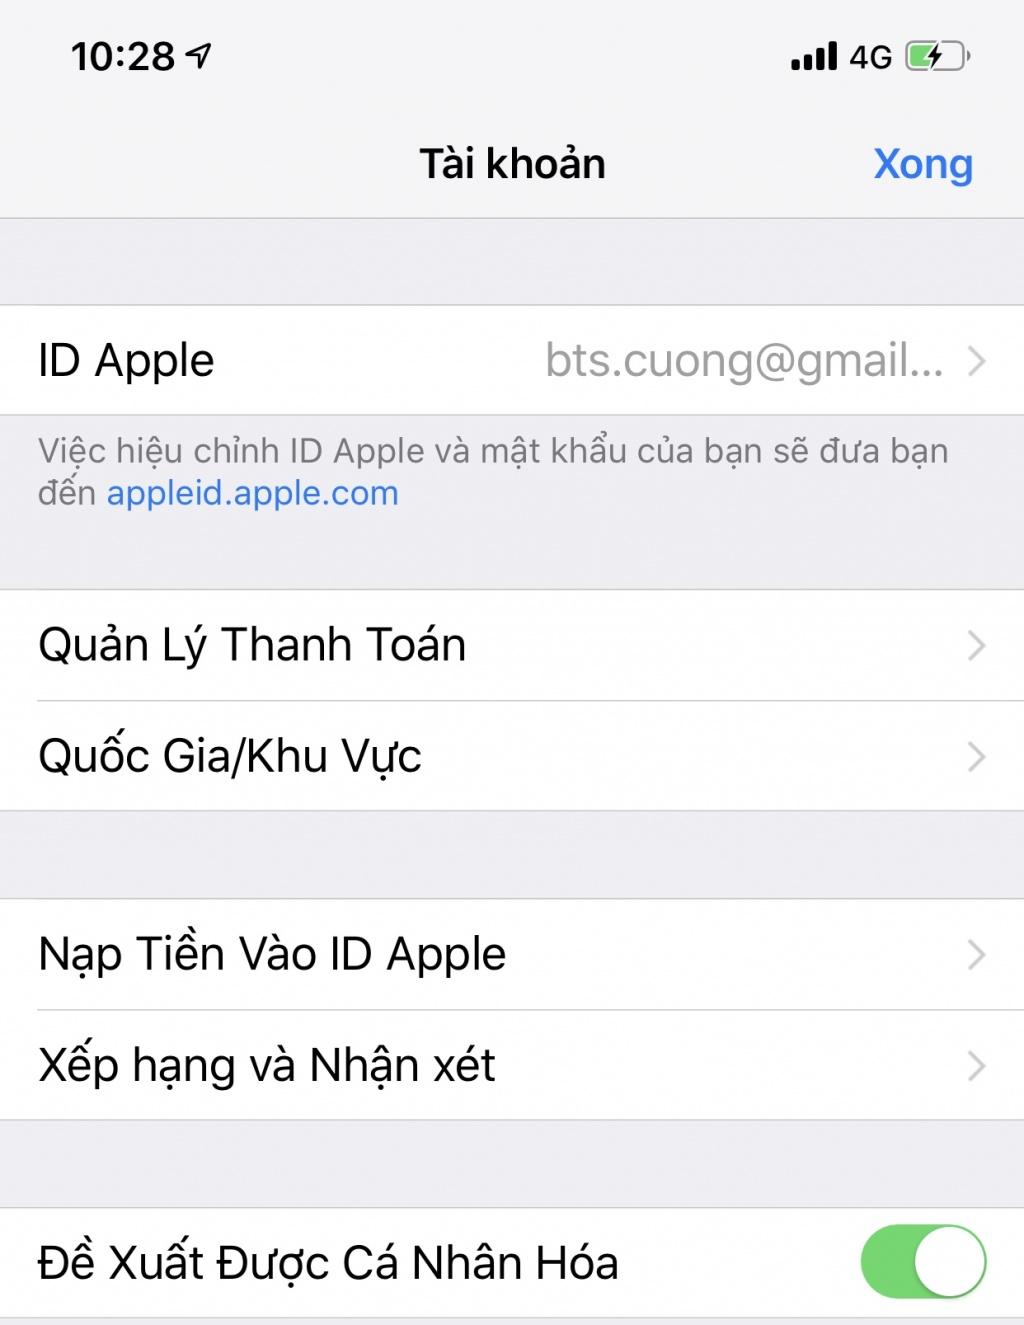 Cách chuyển vùng Quốc Gia trên App Store cho người dùng IOS